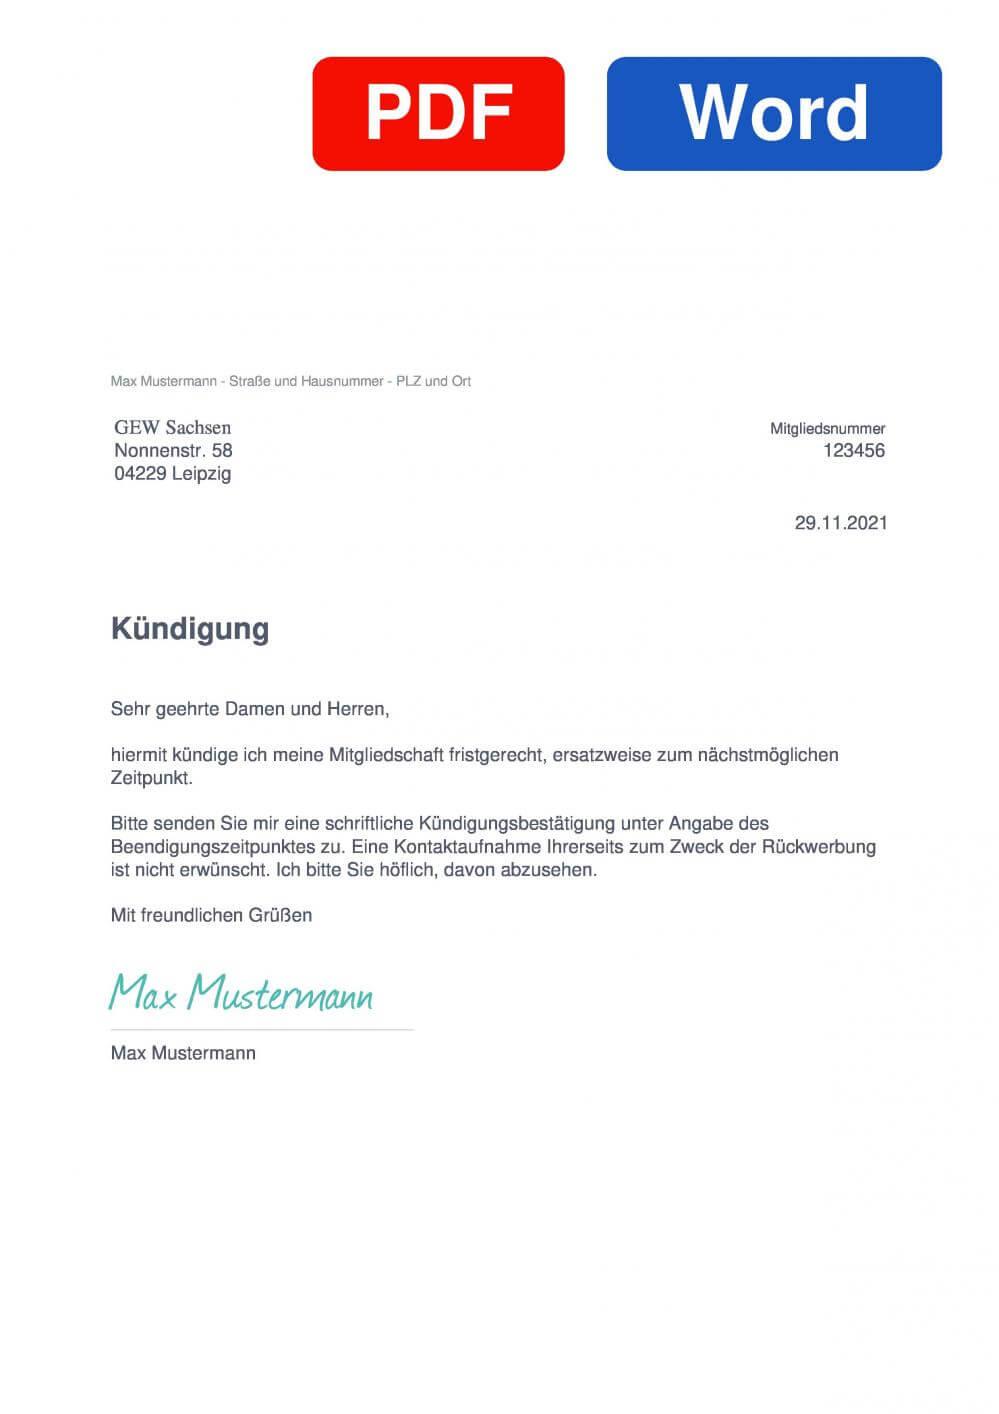 GEW Sachsen Muster Vorlage für Kündigungsschreiben